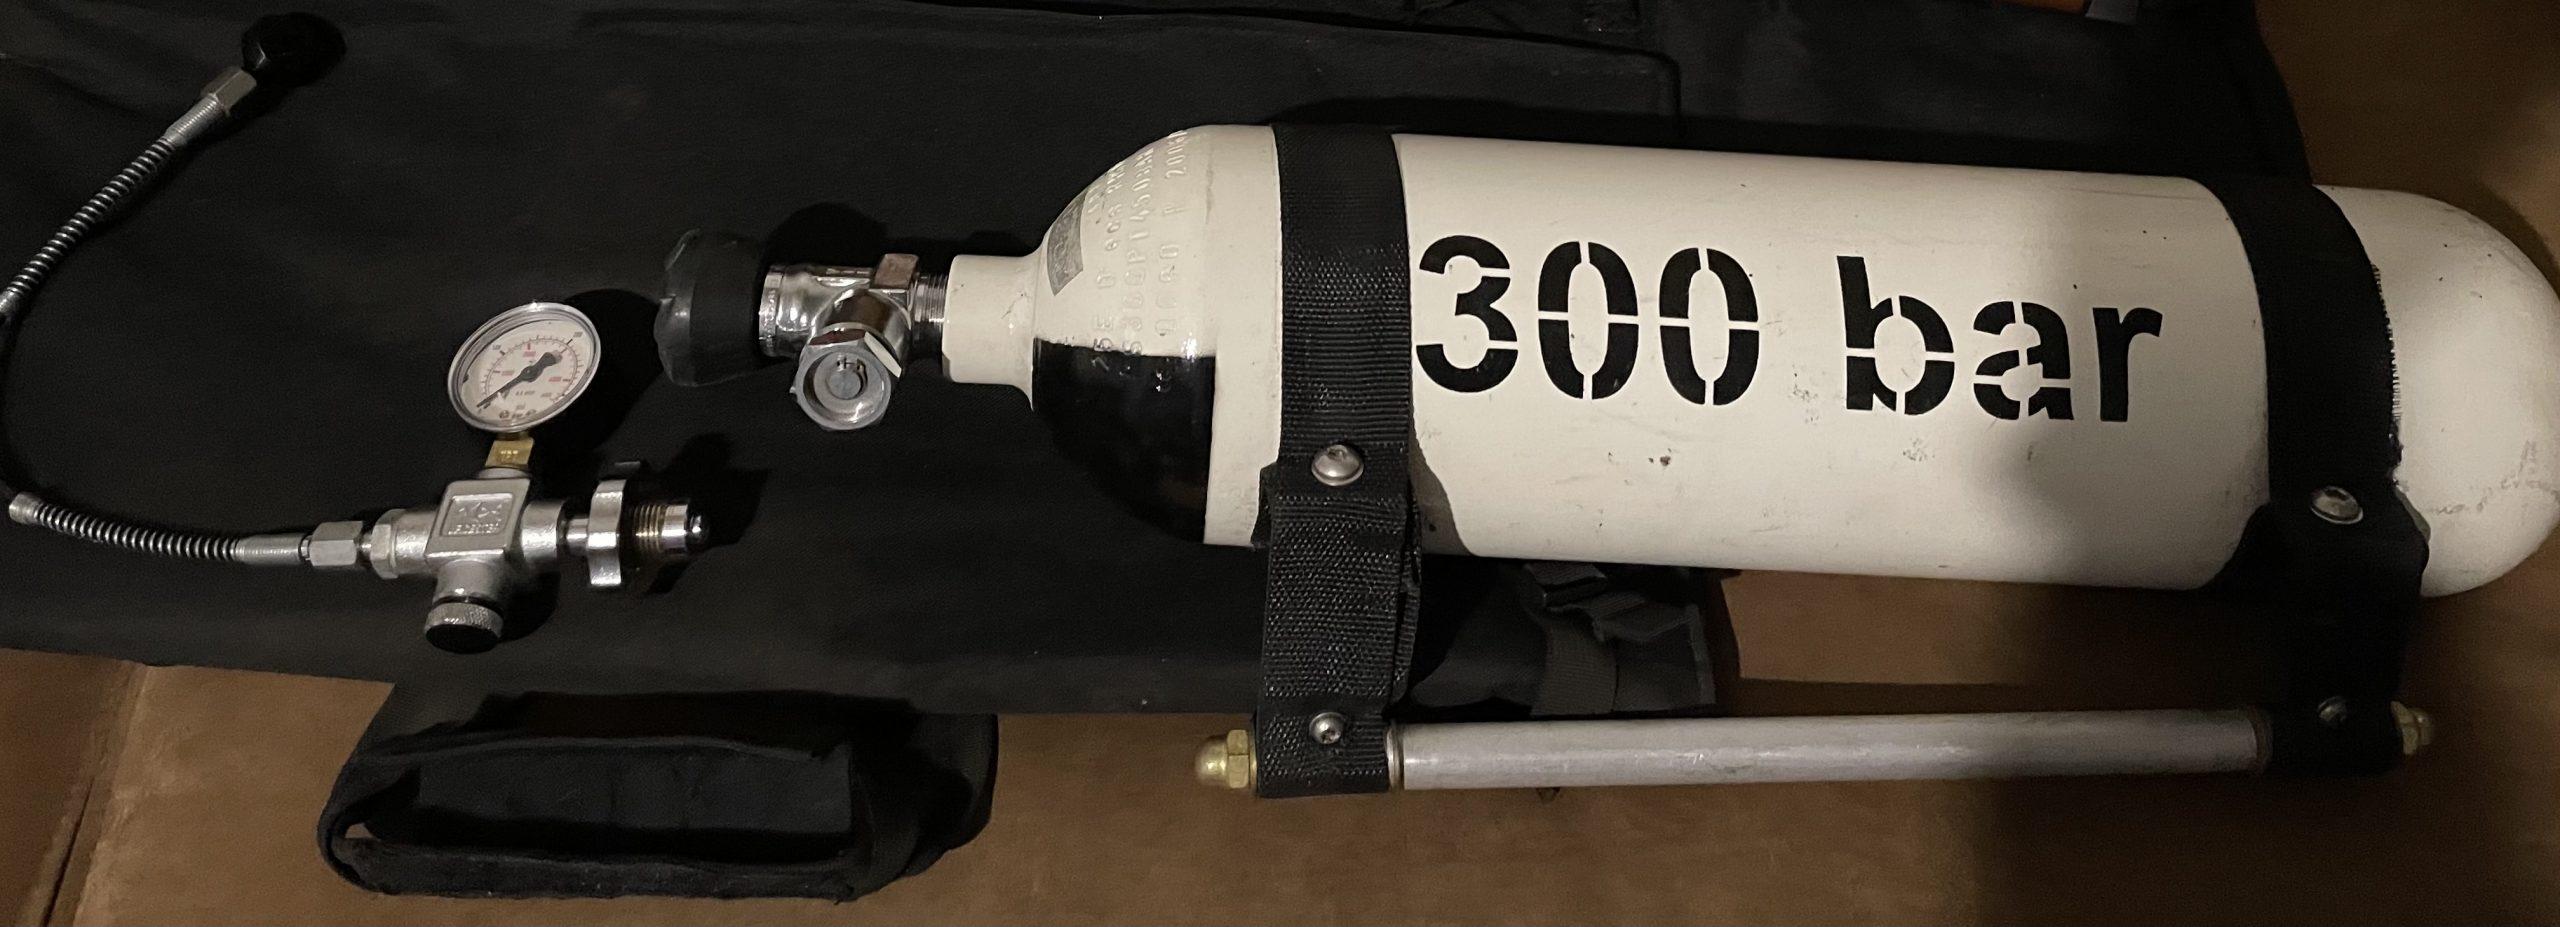 DBC7D08A-0AA7-4298-A583-A62D07E1C68F